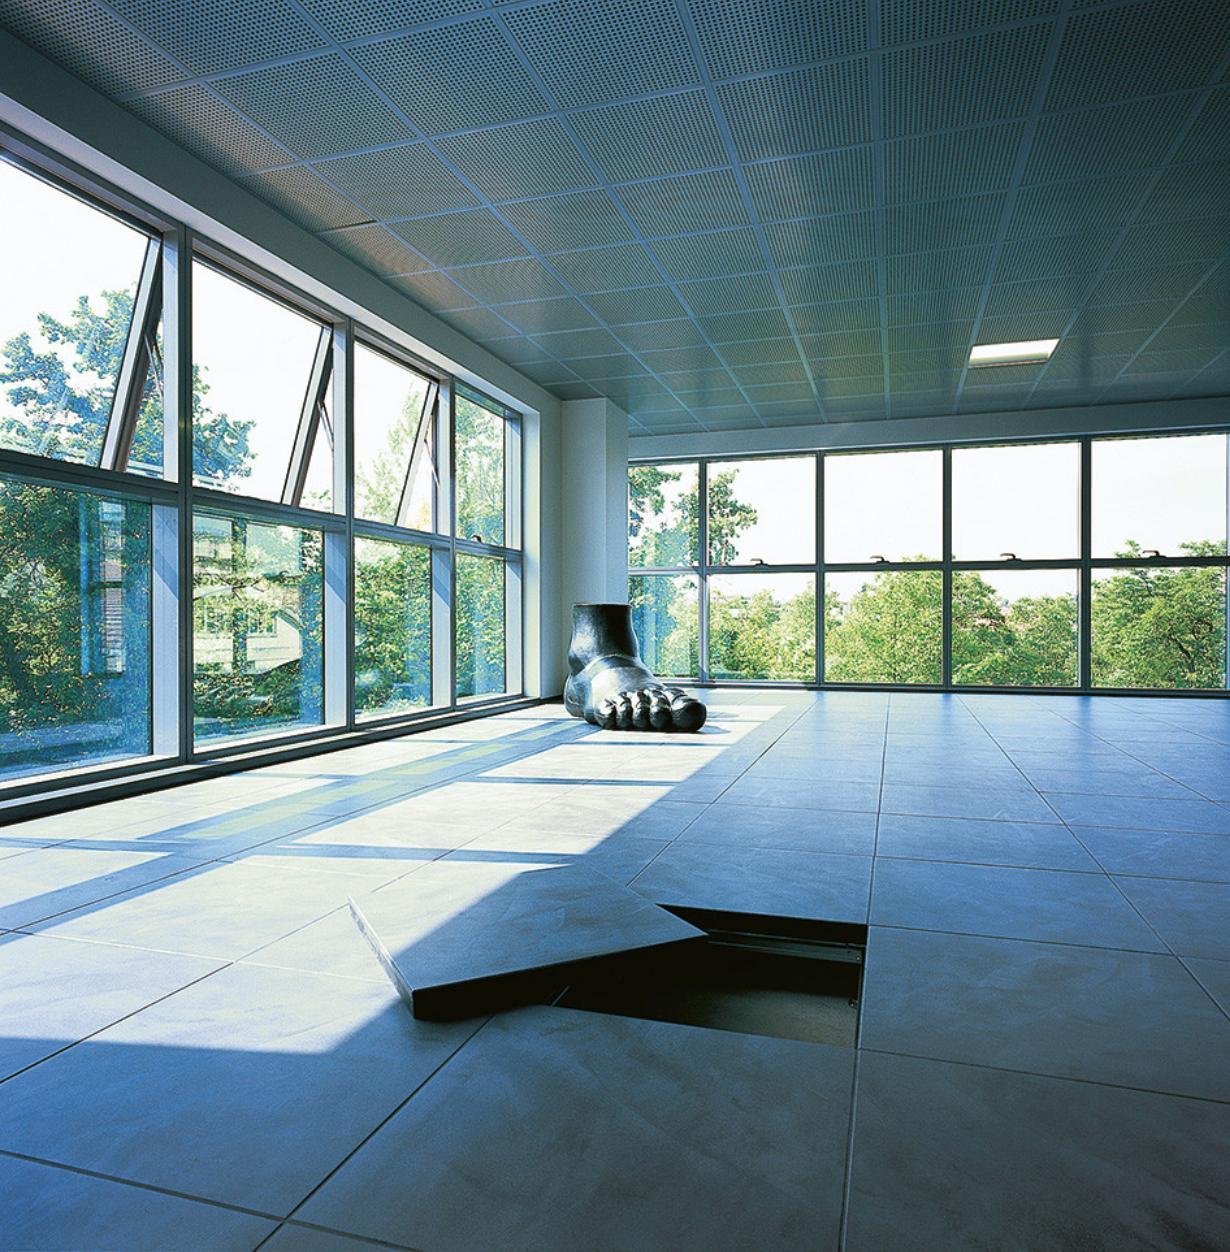 Ceramic raised floor